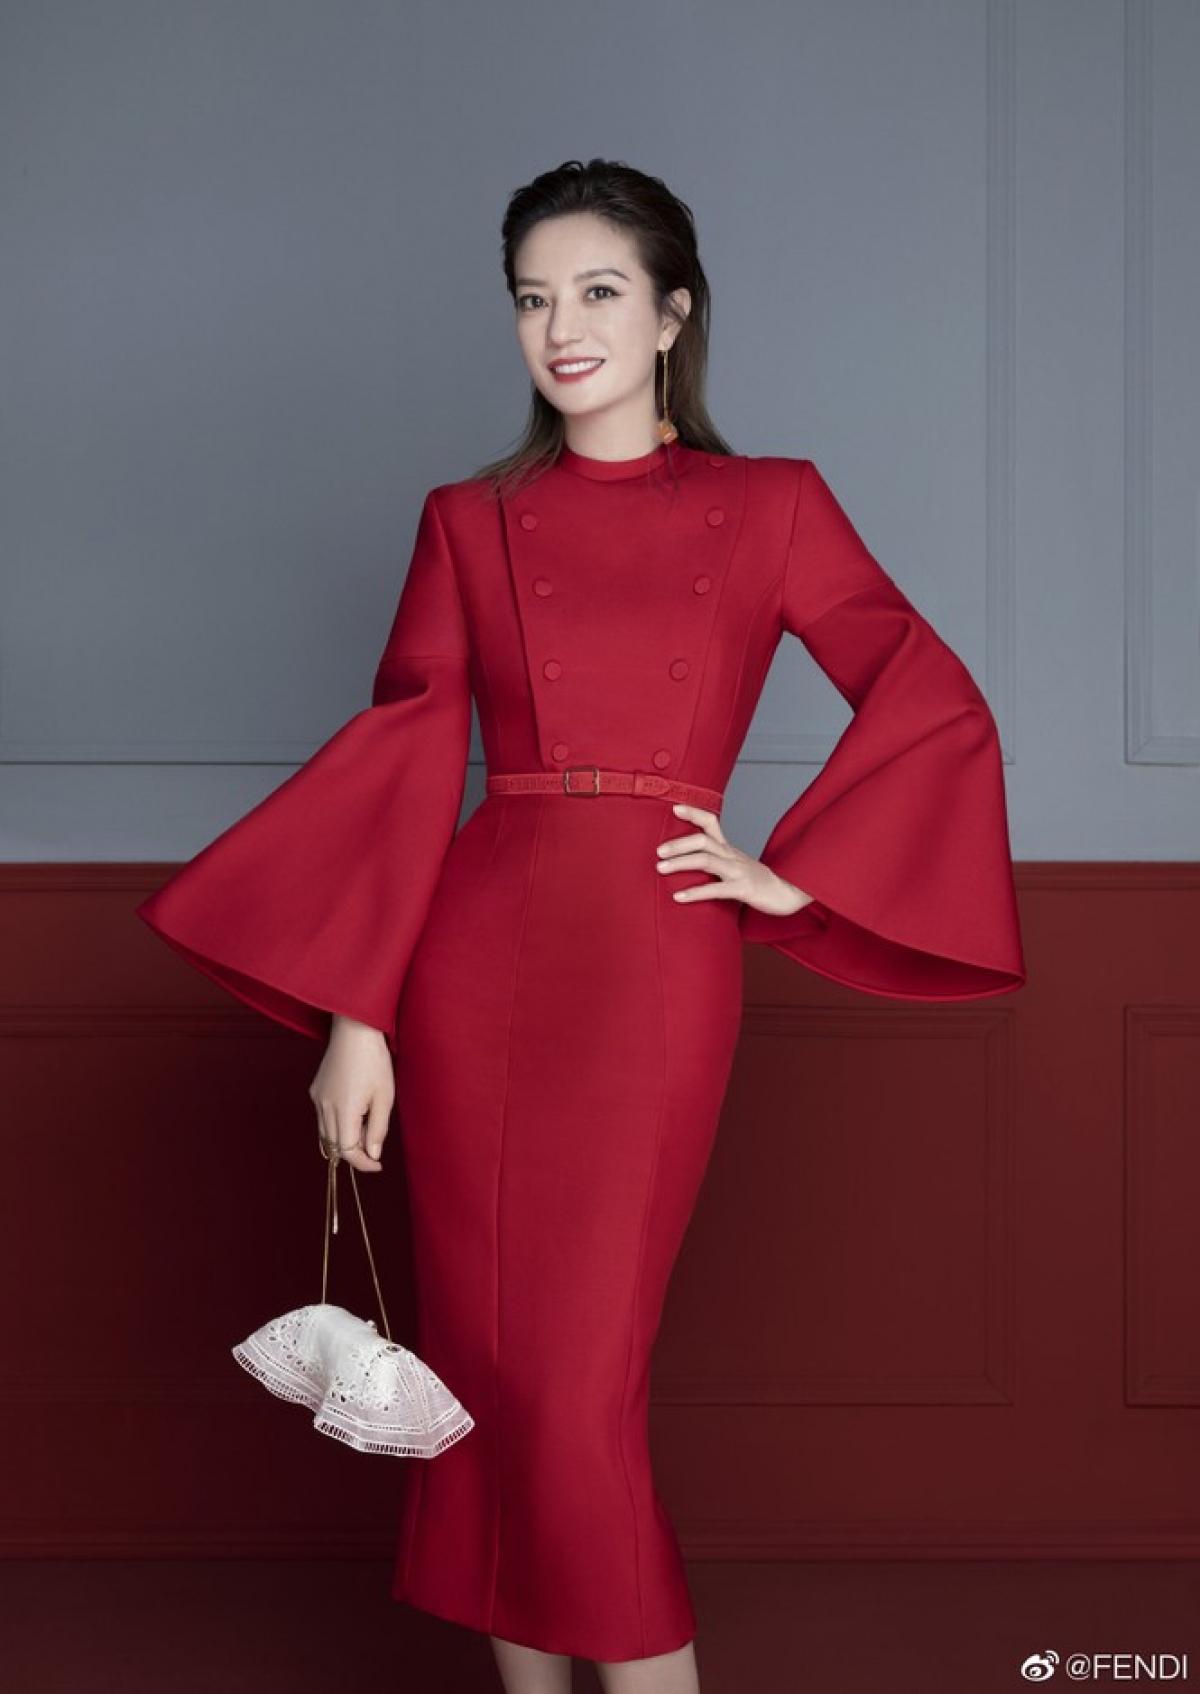 Hình ảnh thanh tao, dịu dàng nhưng vẫn đầy khí chất của nữ diễn viên Hoa ngữ nhận được nhiều lời tán dương của người hâm mộ.